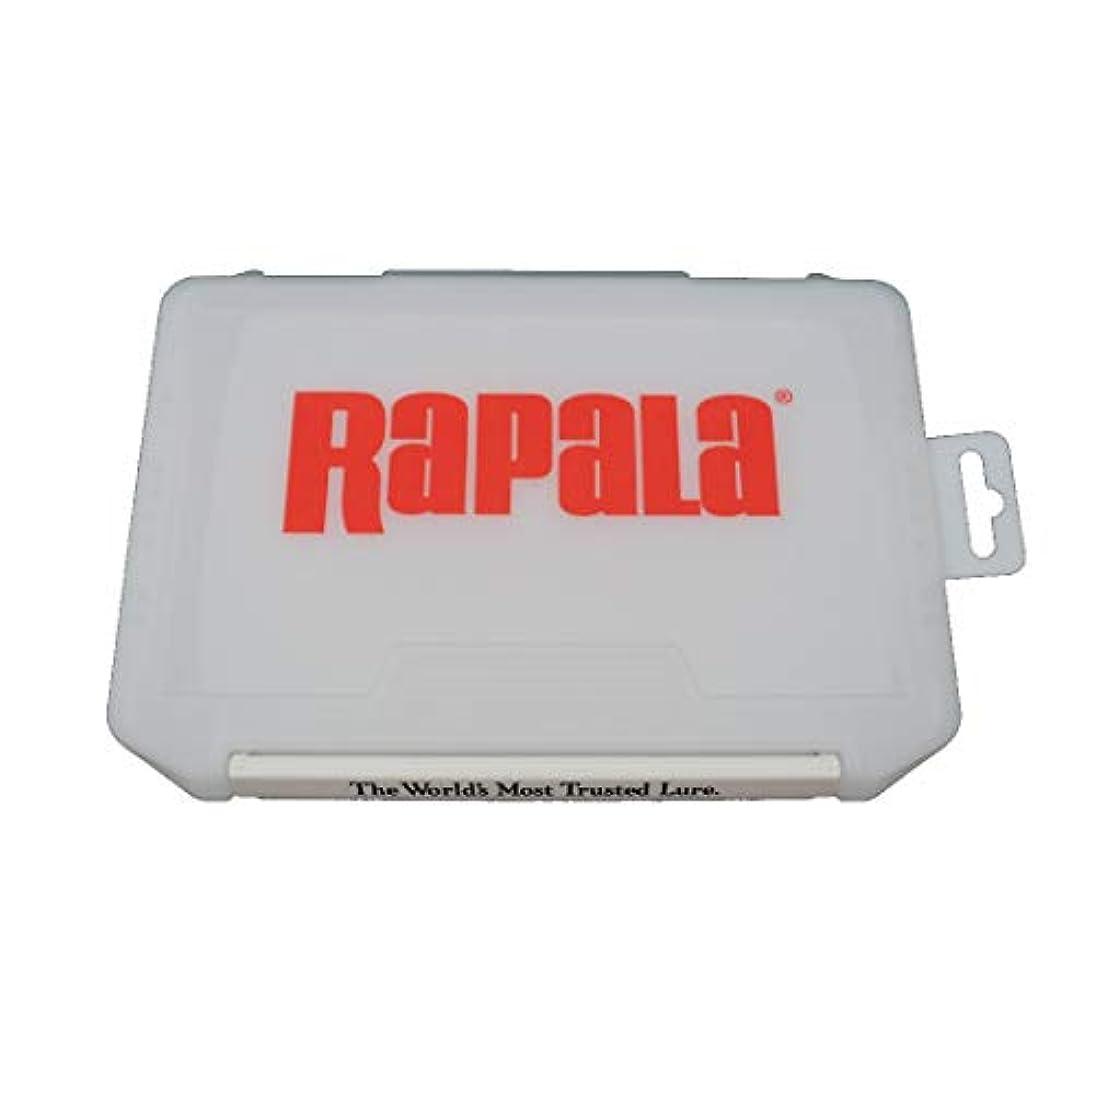 最後の拮抗するナイロンラパラ ルアーケース VW-2010NDM RaPaLa LURE CASE